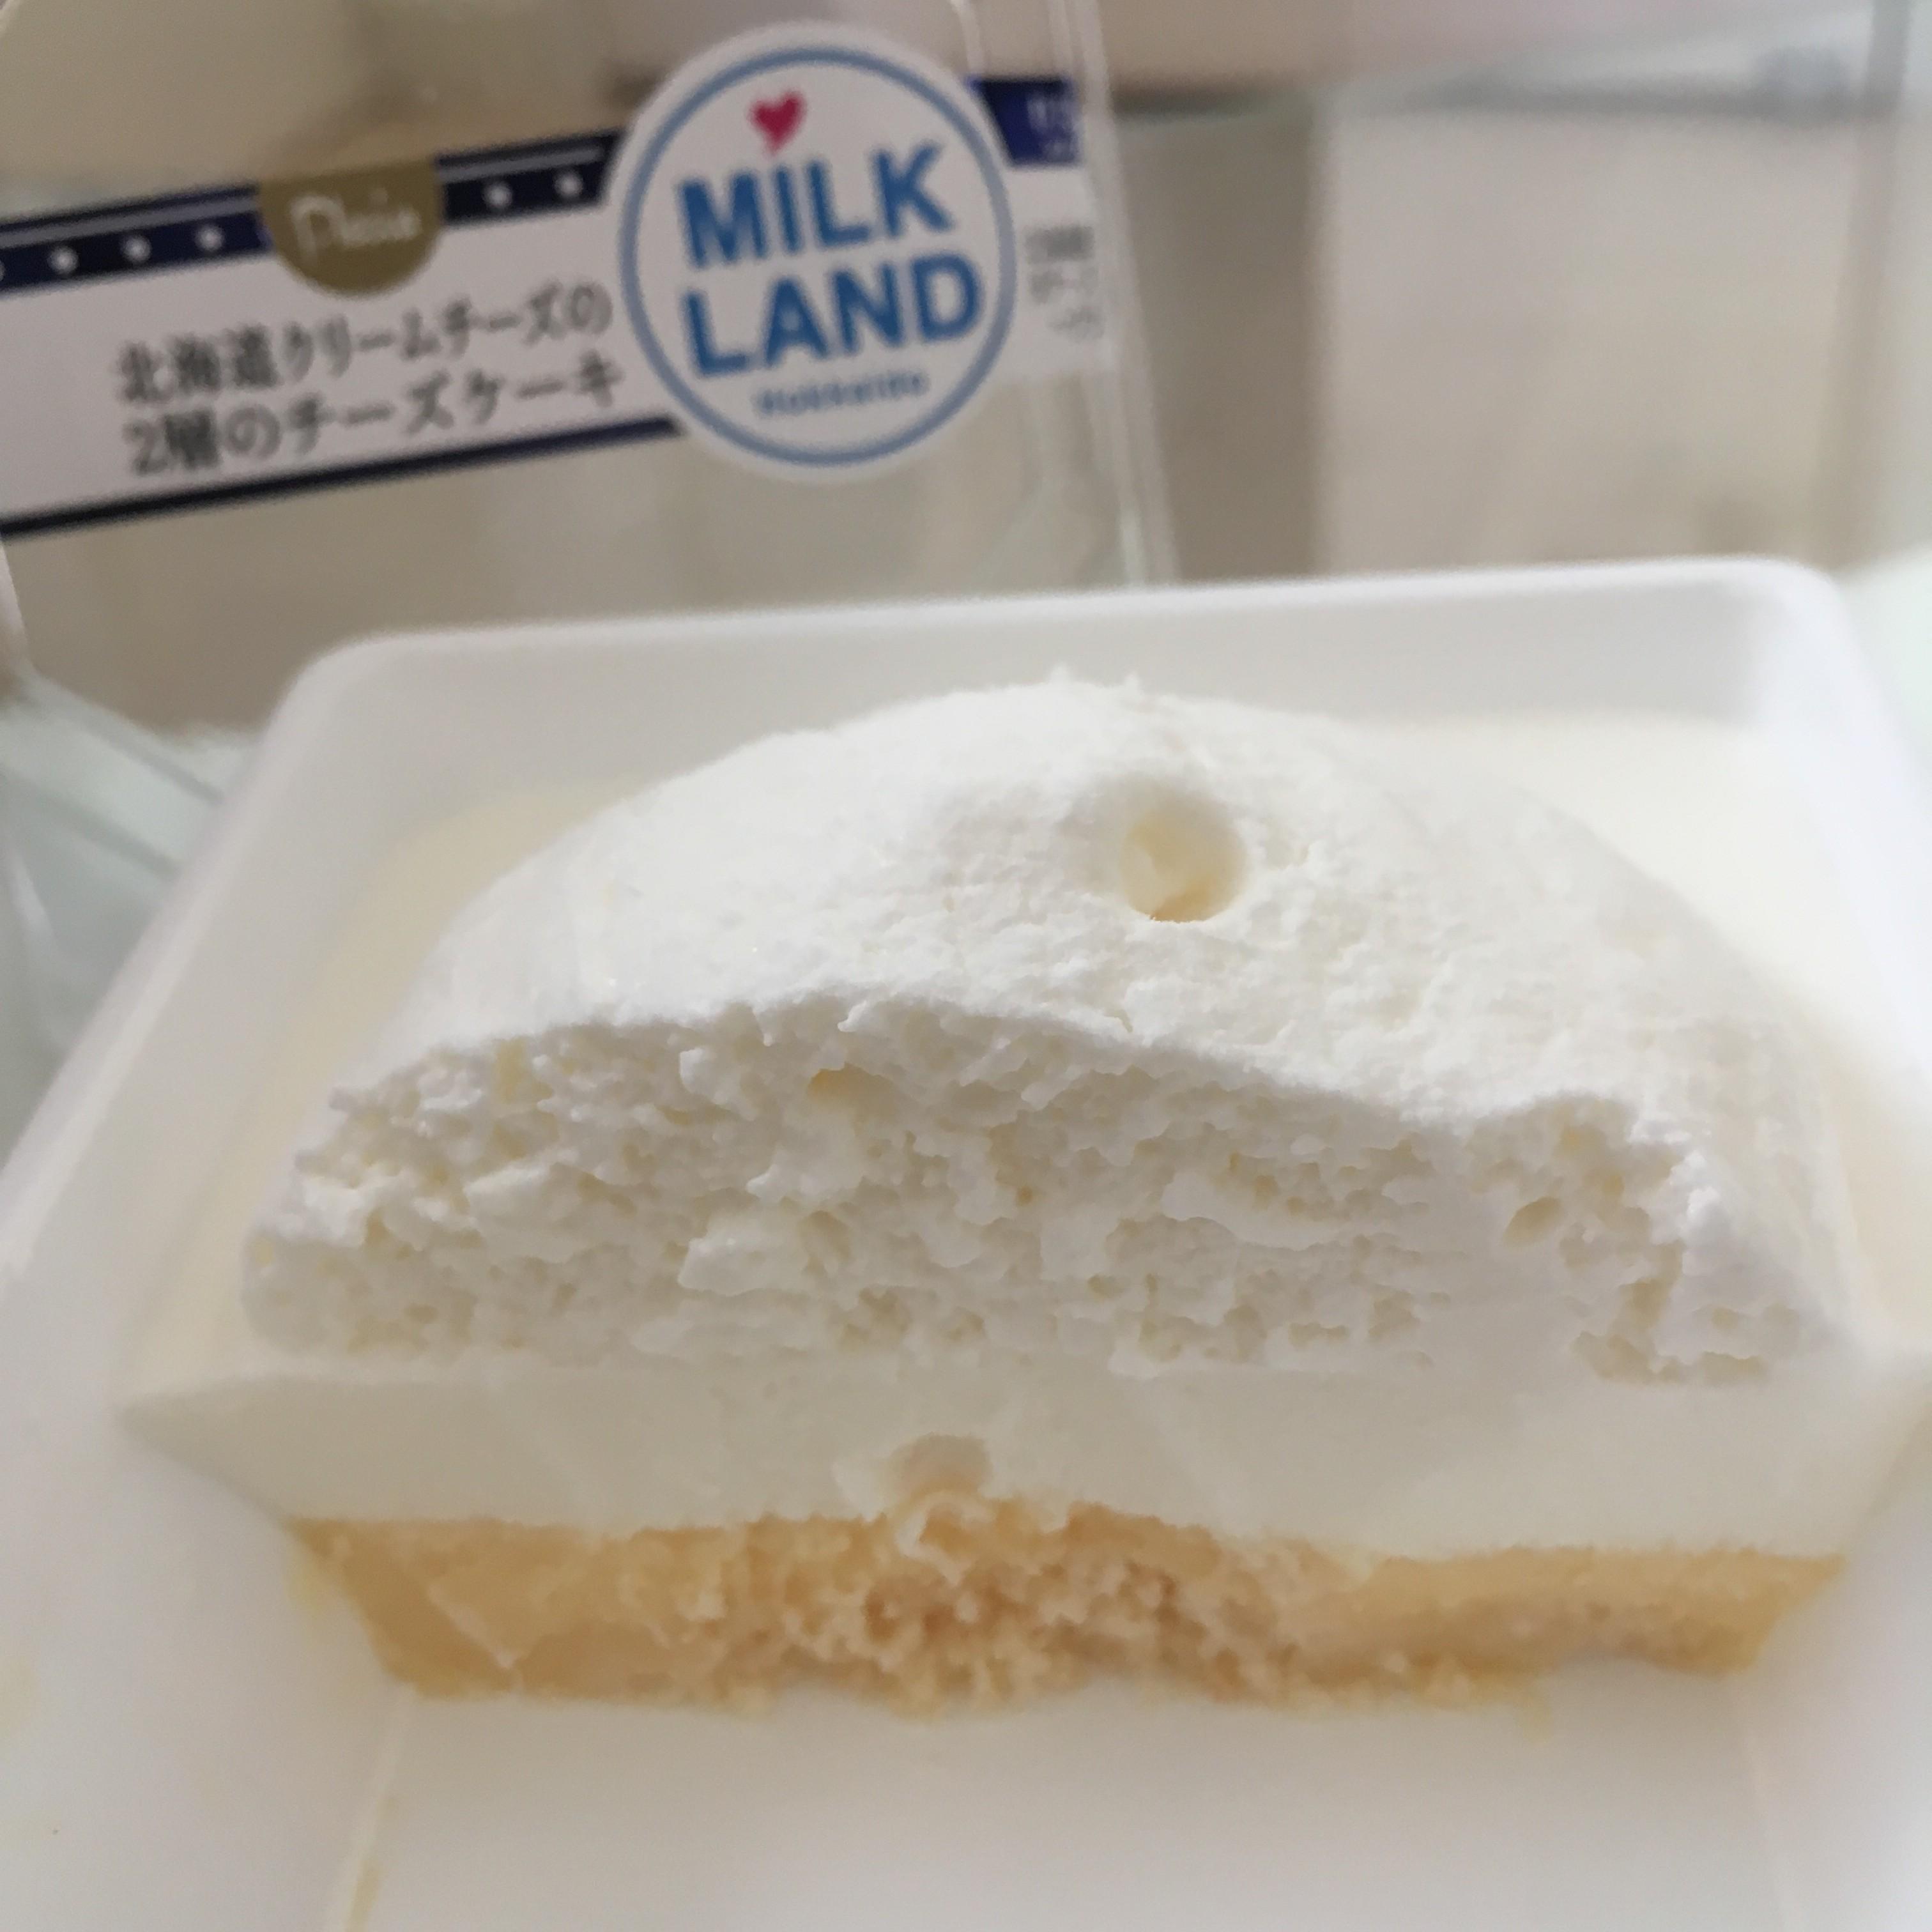 【おすすめスイーツ】プレシア 北海道クリームチーズの2層のチーズケーキ